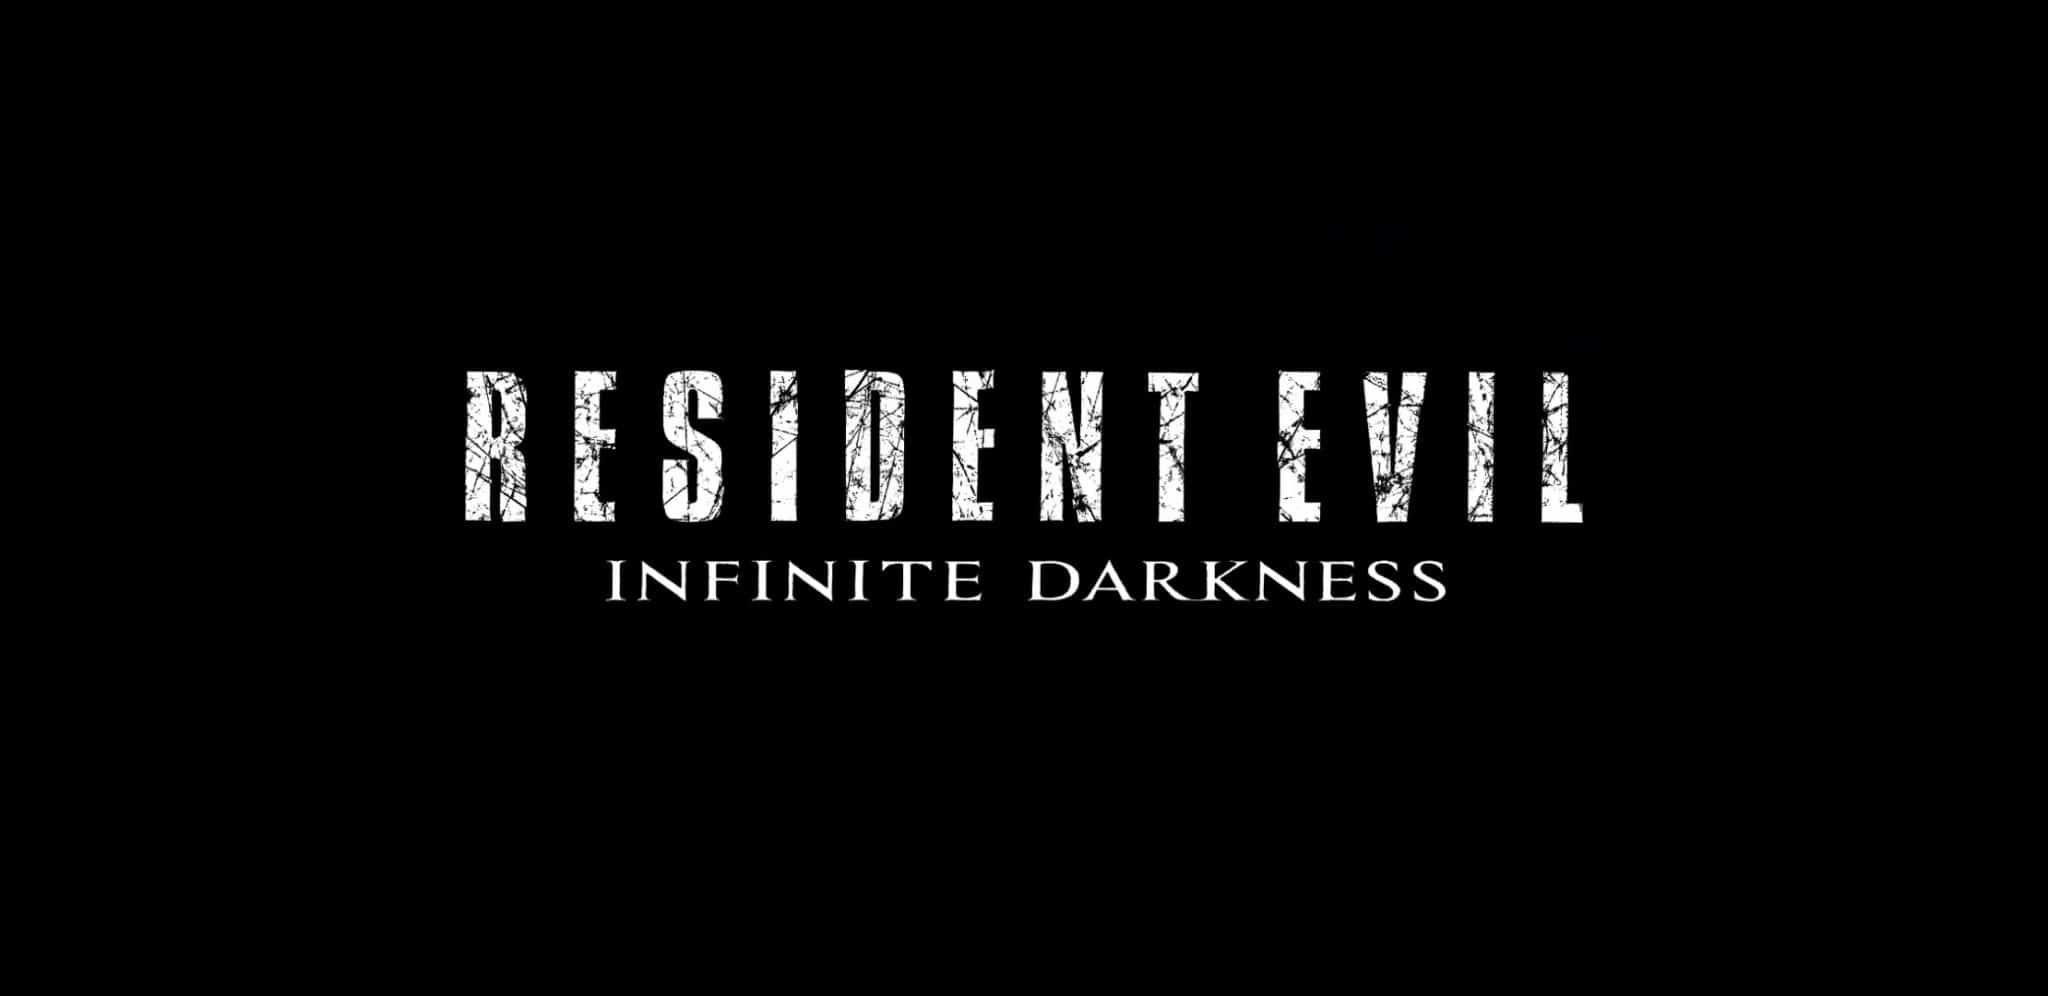 Titel van de nieuwe Netflix serie Resident Evil: Infinite Darkness